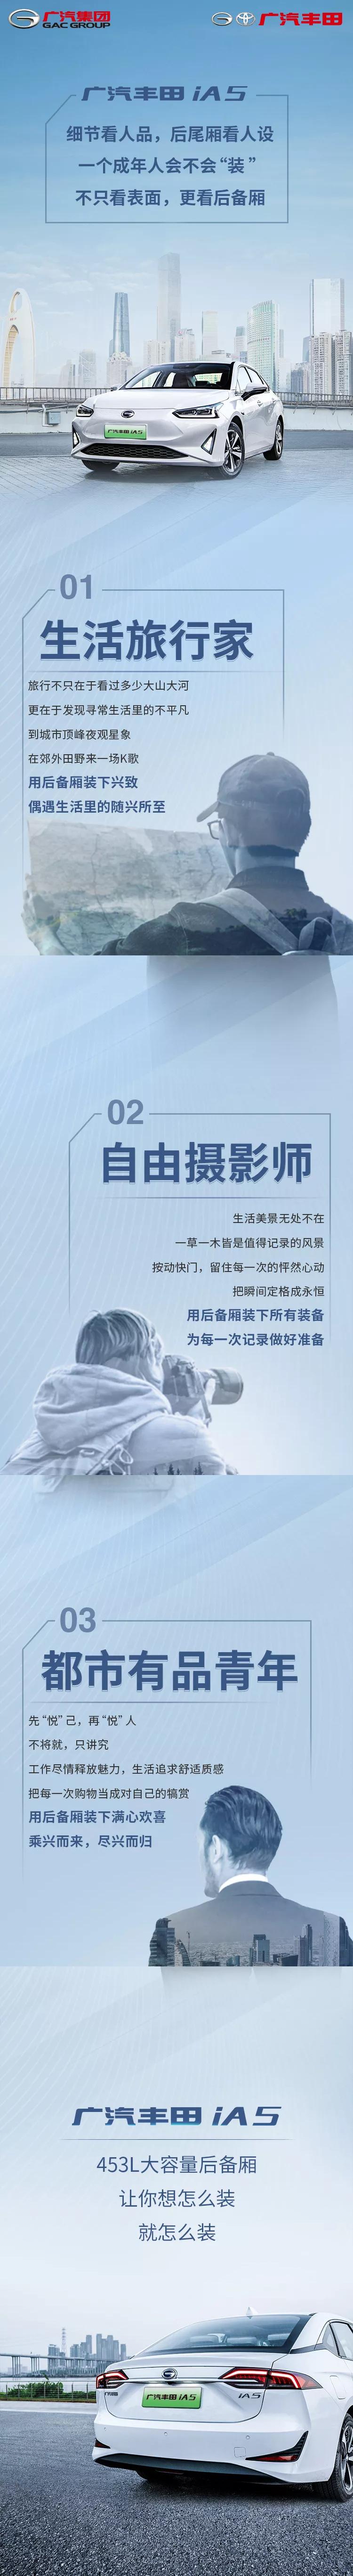 齐齐哈尔广汽丰田IA5 后备箱更出色